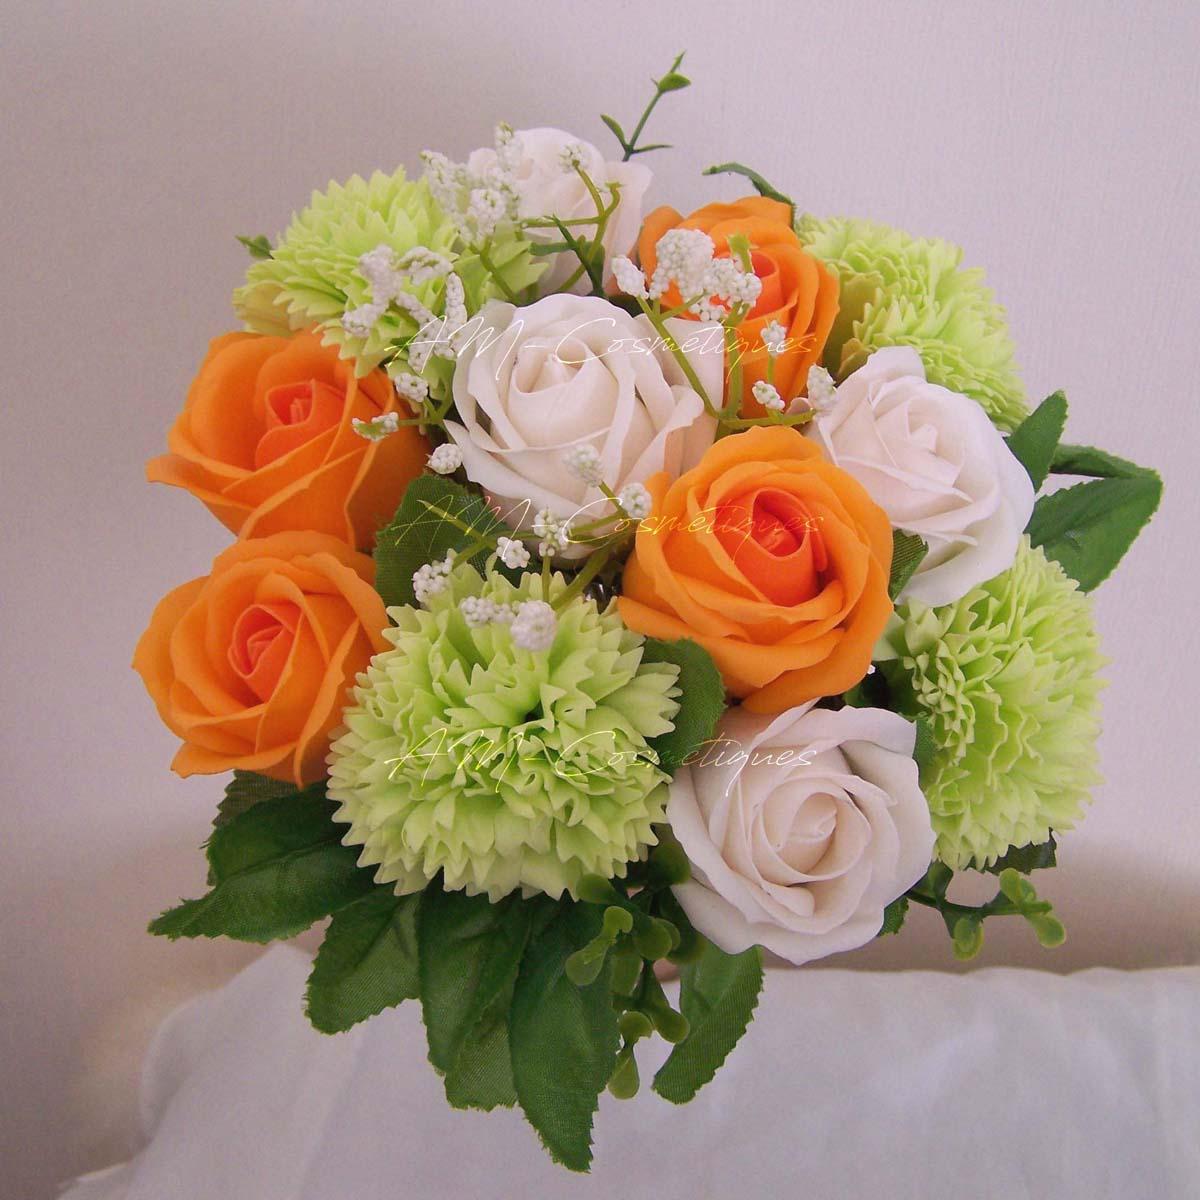 Bouquet_de_Savons_AM-Cosmetiques_orange2.jpg